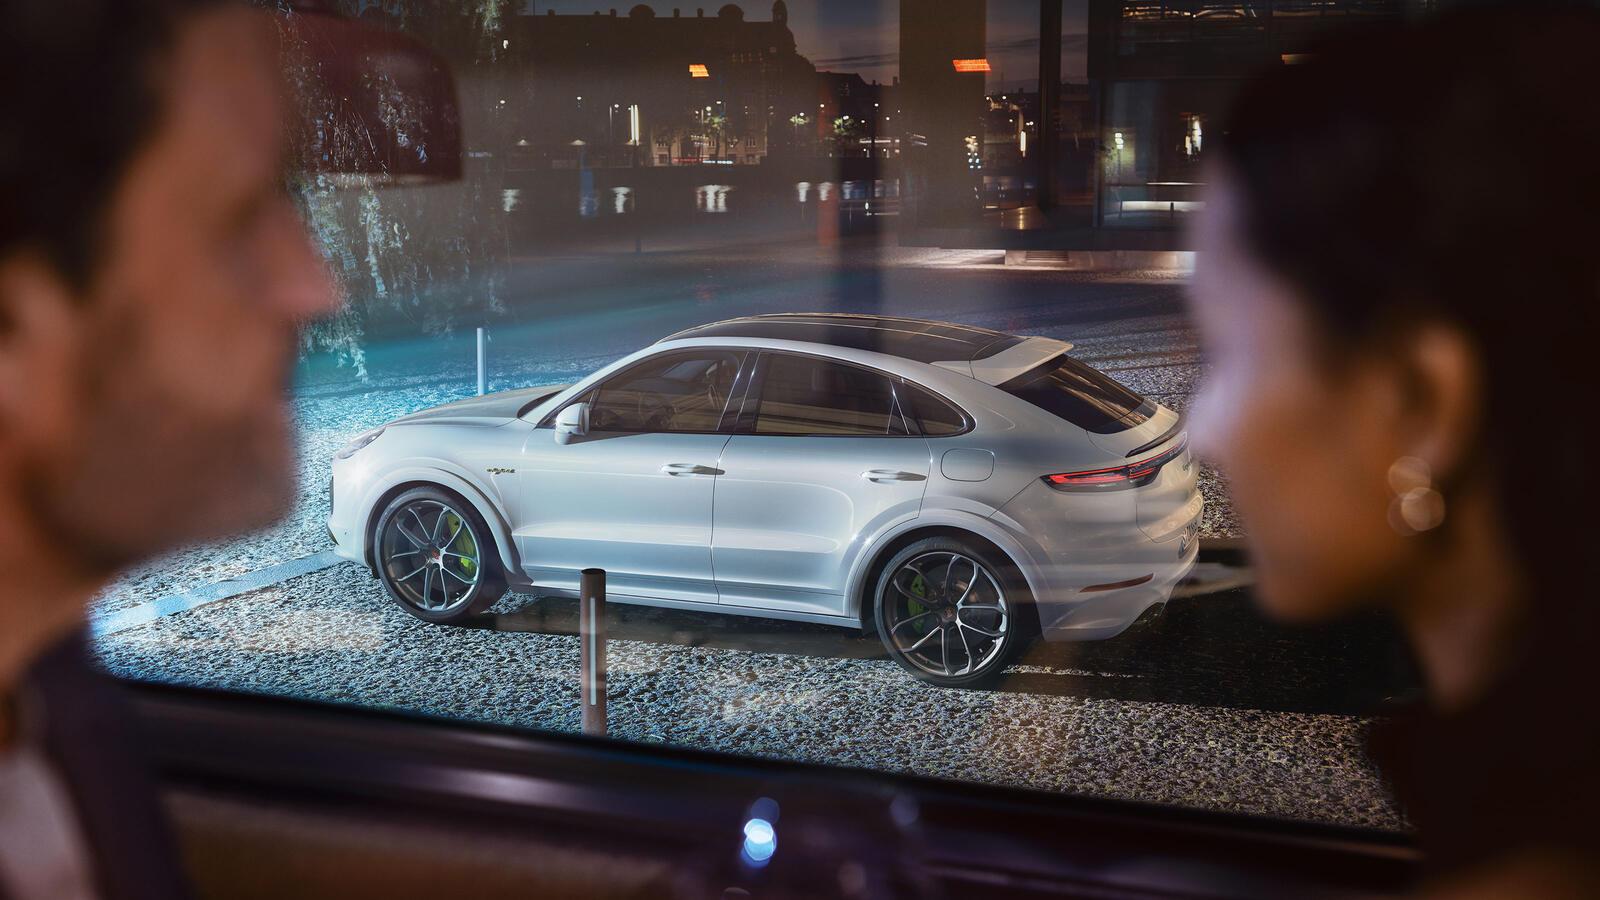 Porsche - Cayenne Turbo S E-Hybrid Coupé - Shaped by performance